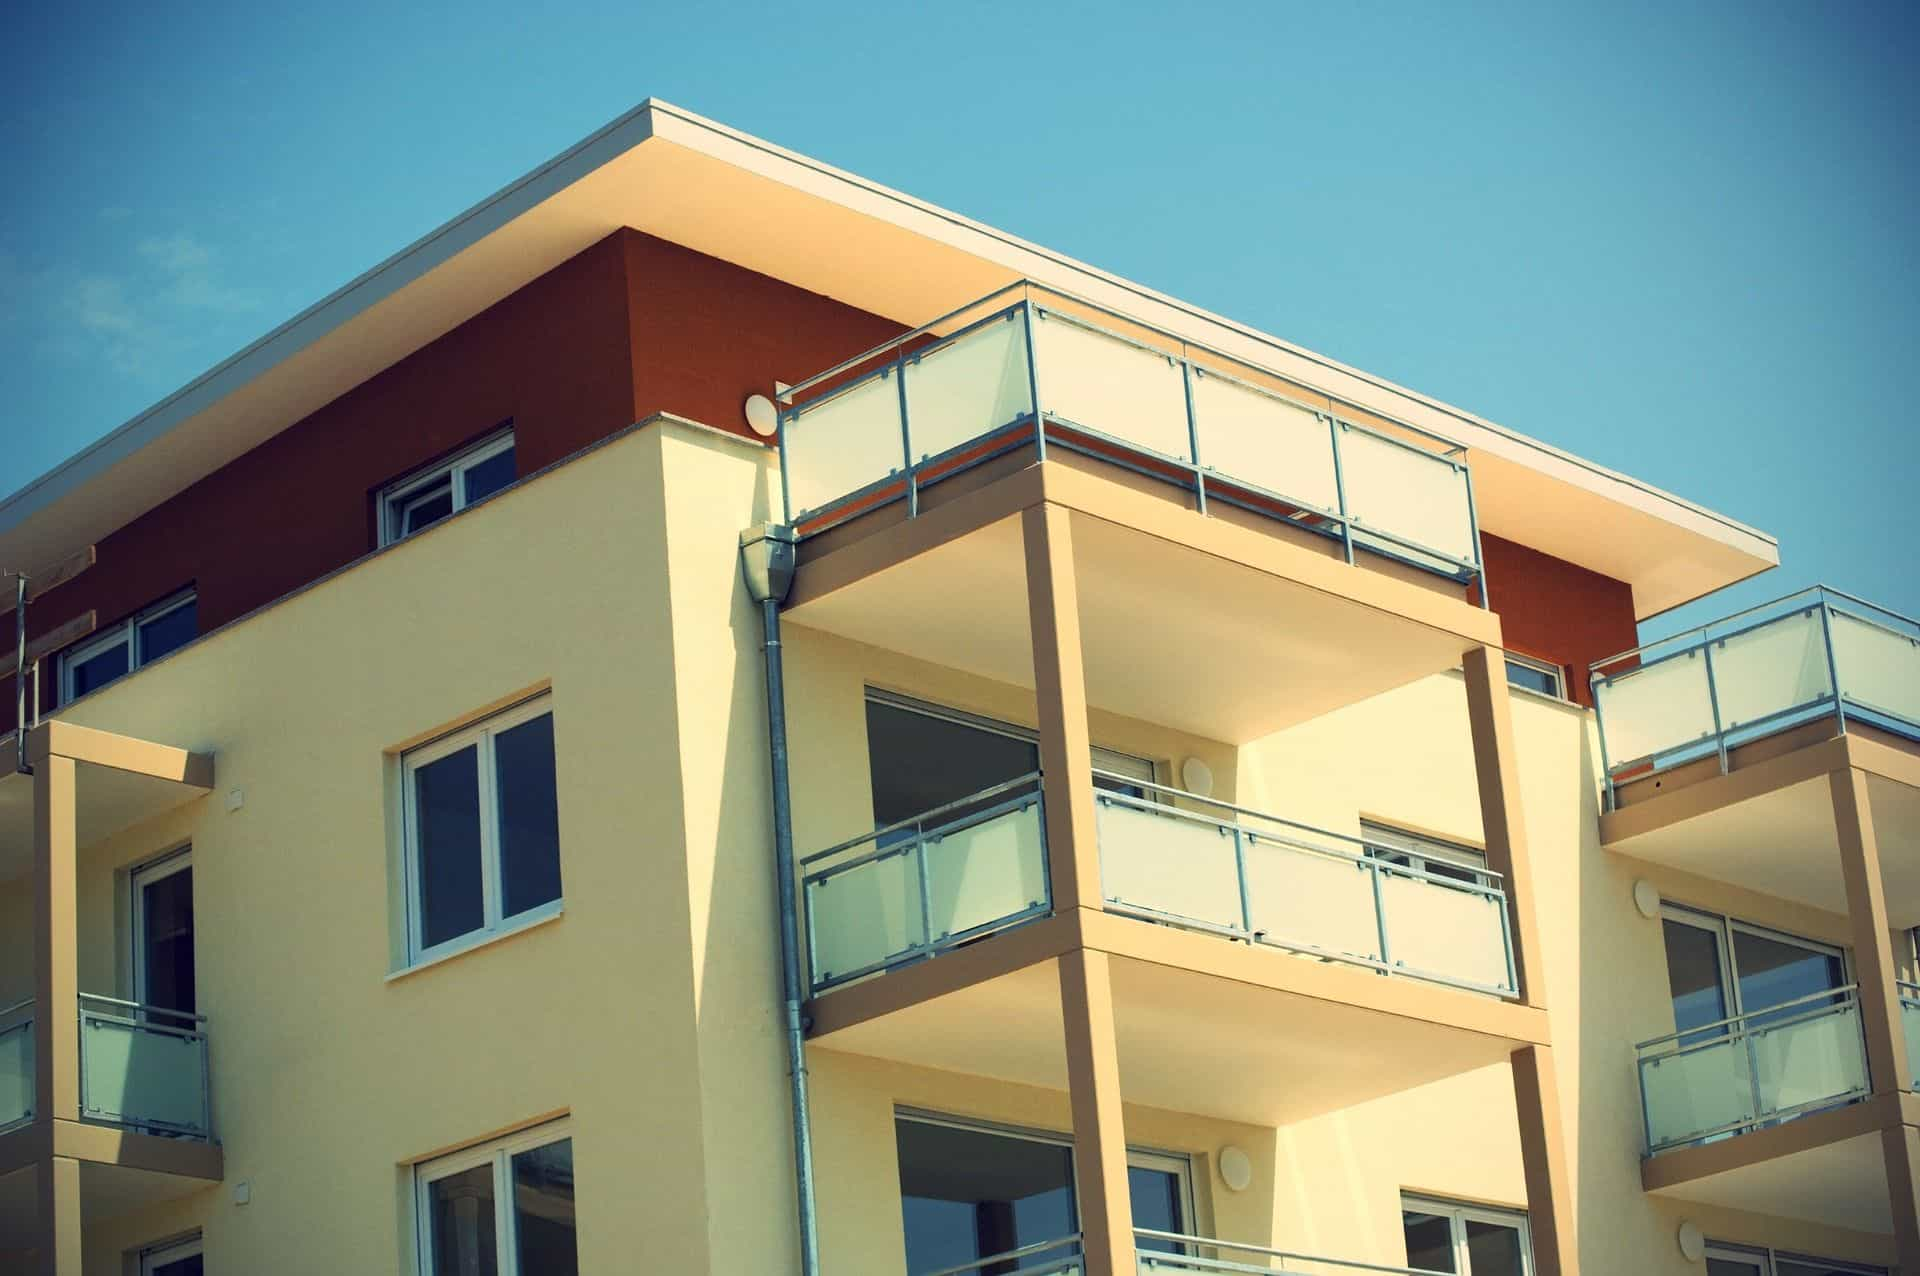 Mieszkanie nawynajem - czywarto inwestować?